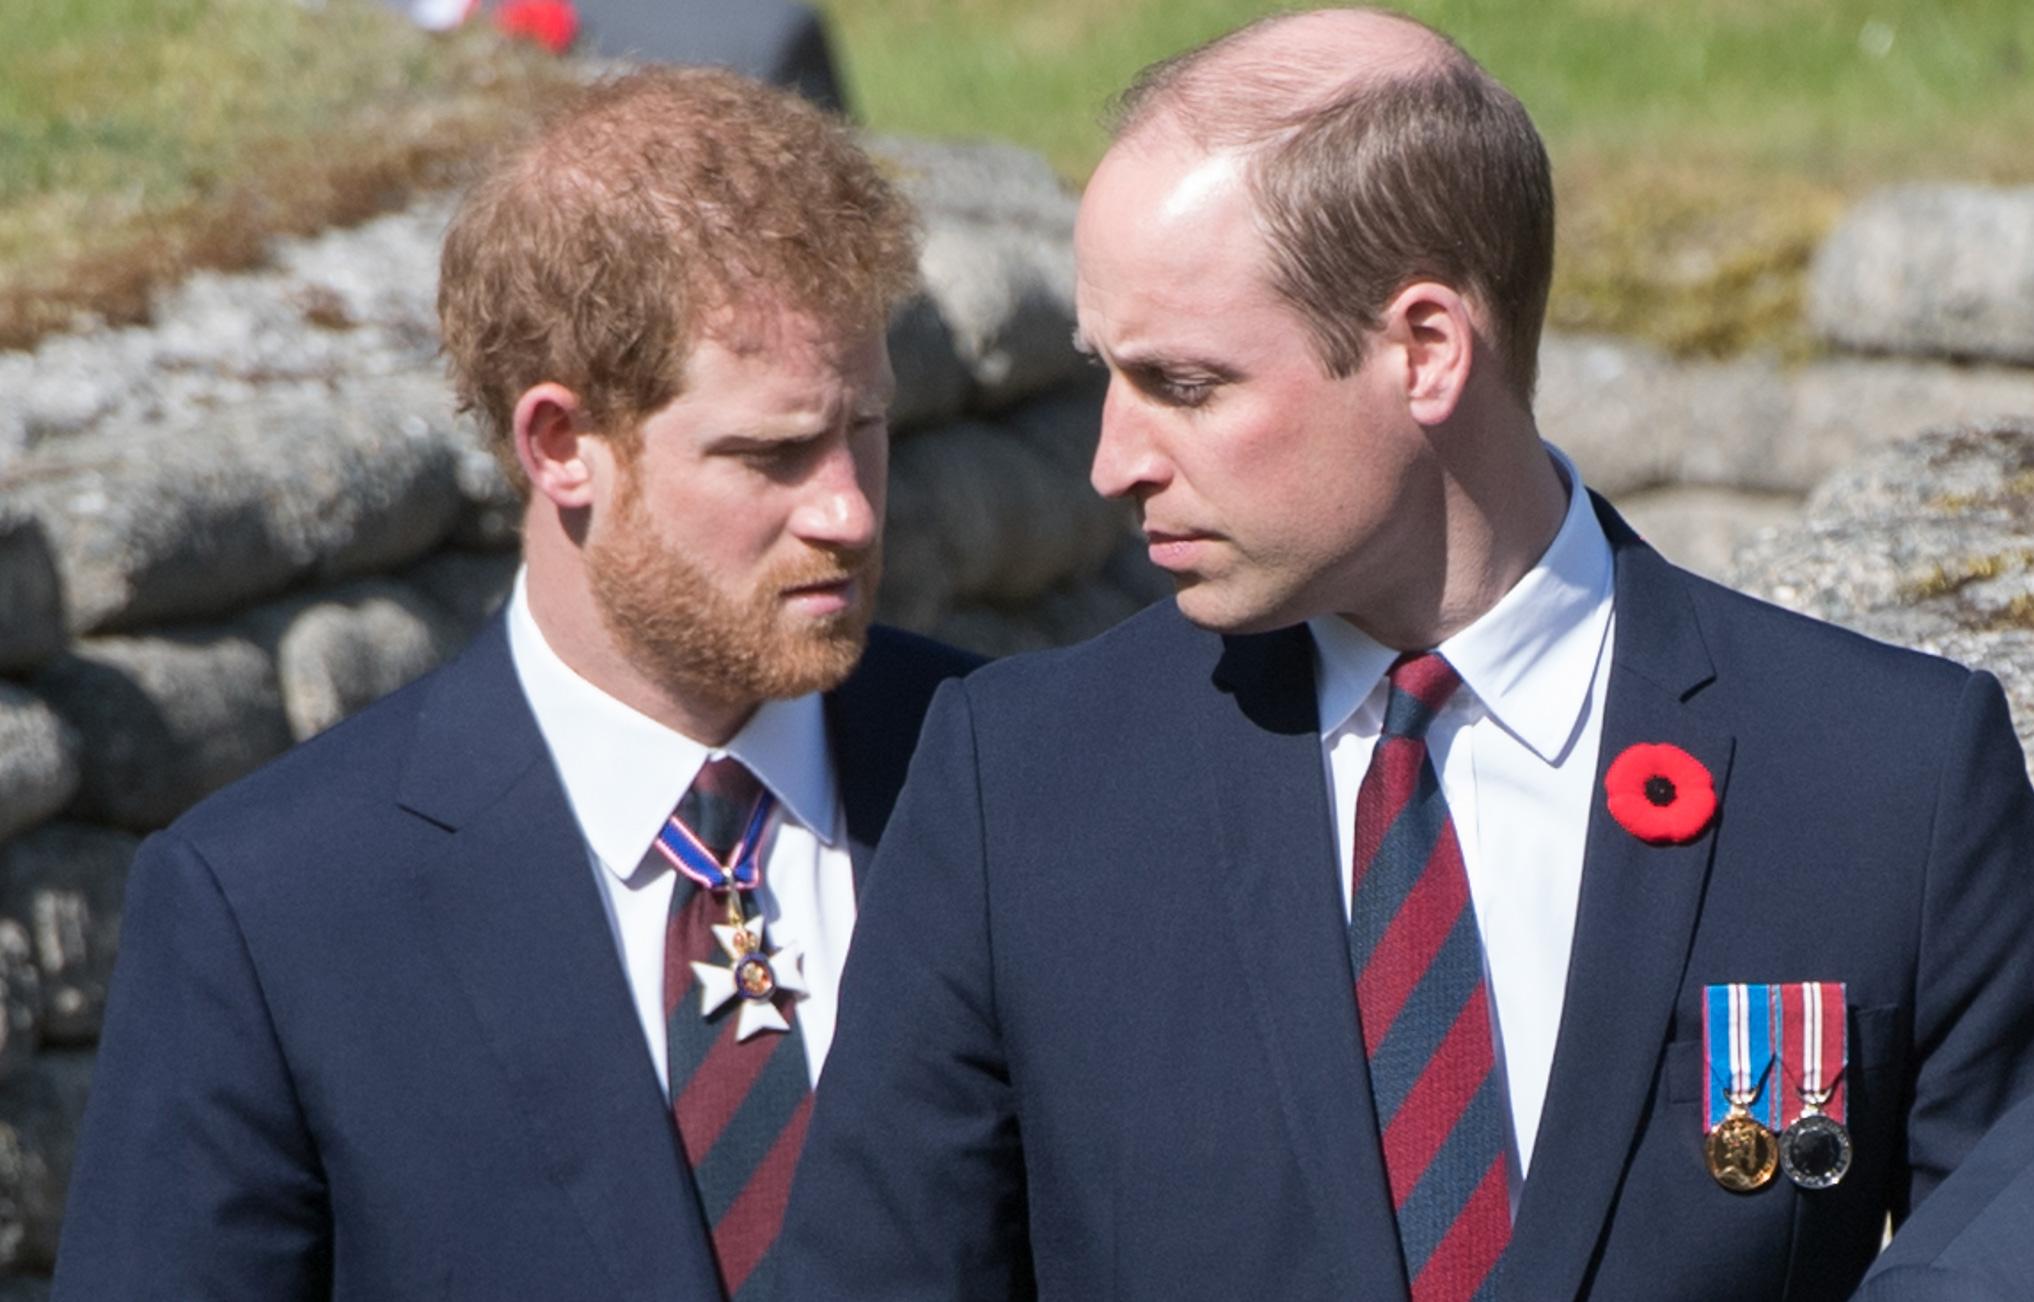 Informatii care zguduie Casa Regala! Printul Harry a ajuns la DEZINTOXICARE